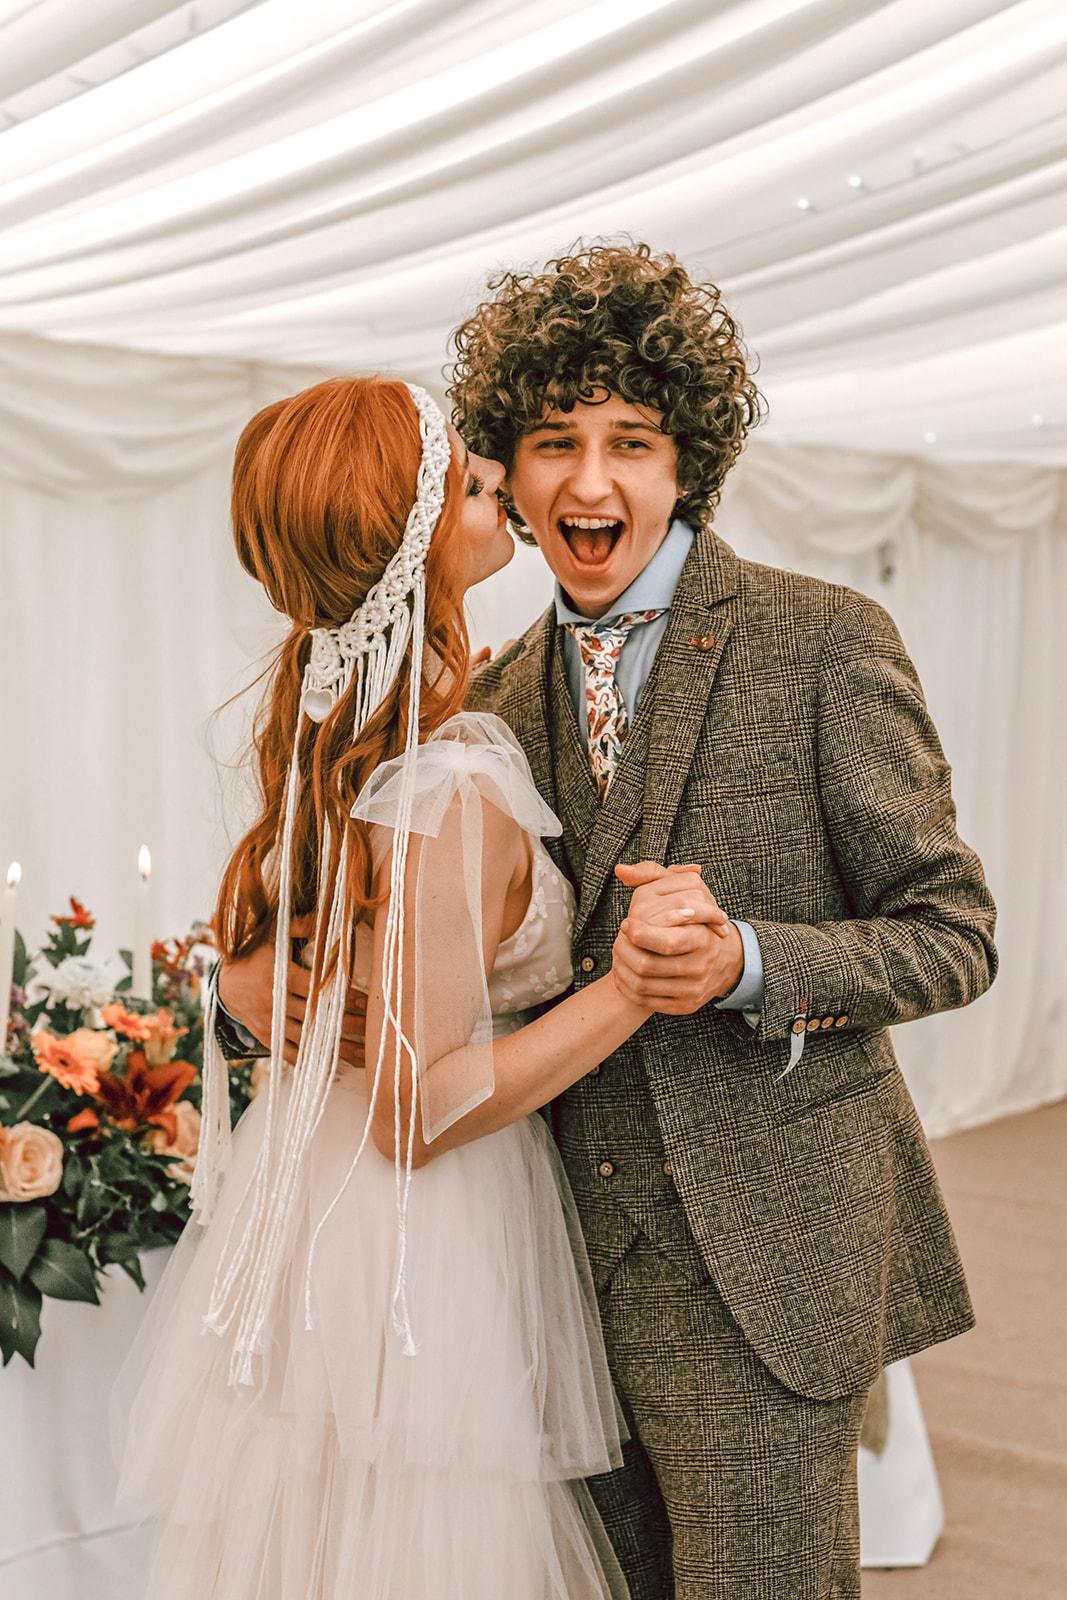 rustic festival wedding - unique wedding wear - tipi wedding - unconventional wedding